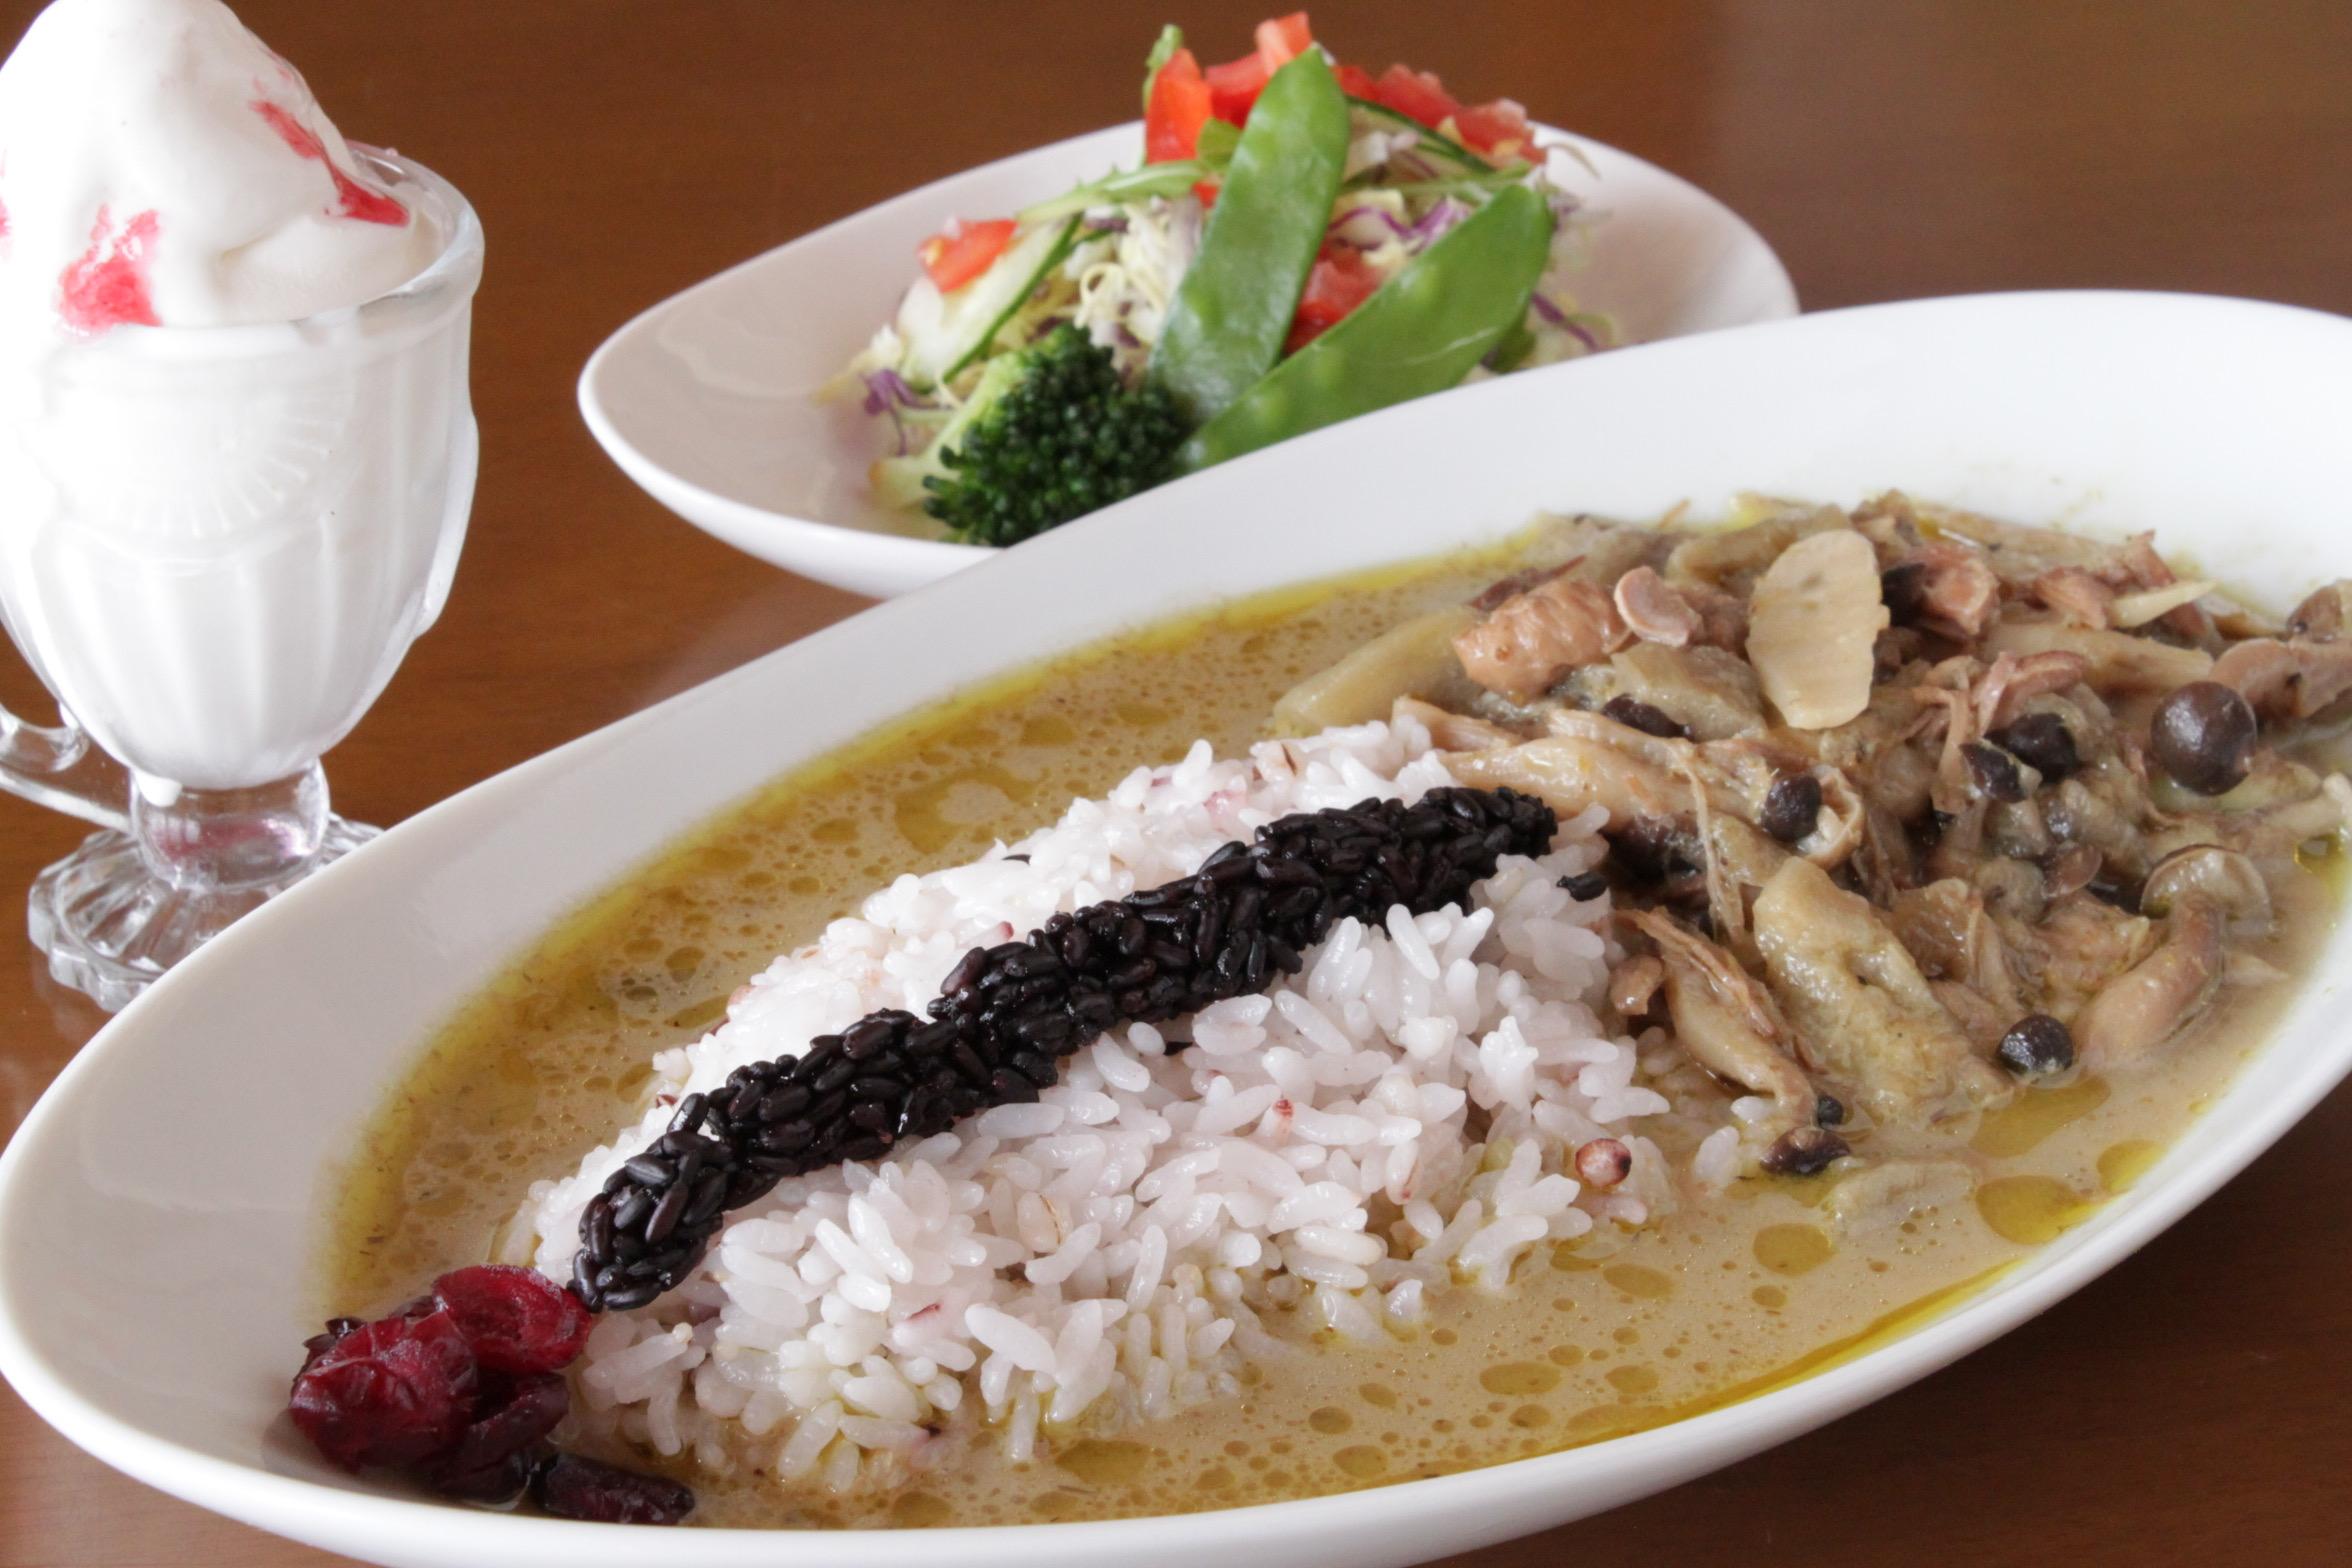 DOREMIFA空:視覺與味覺雙享受!一邊用餐一邊欣賞丹頂鶴在空中的曼妙舞姿